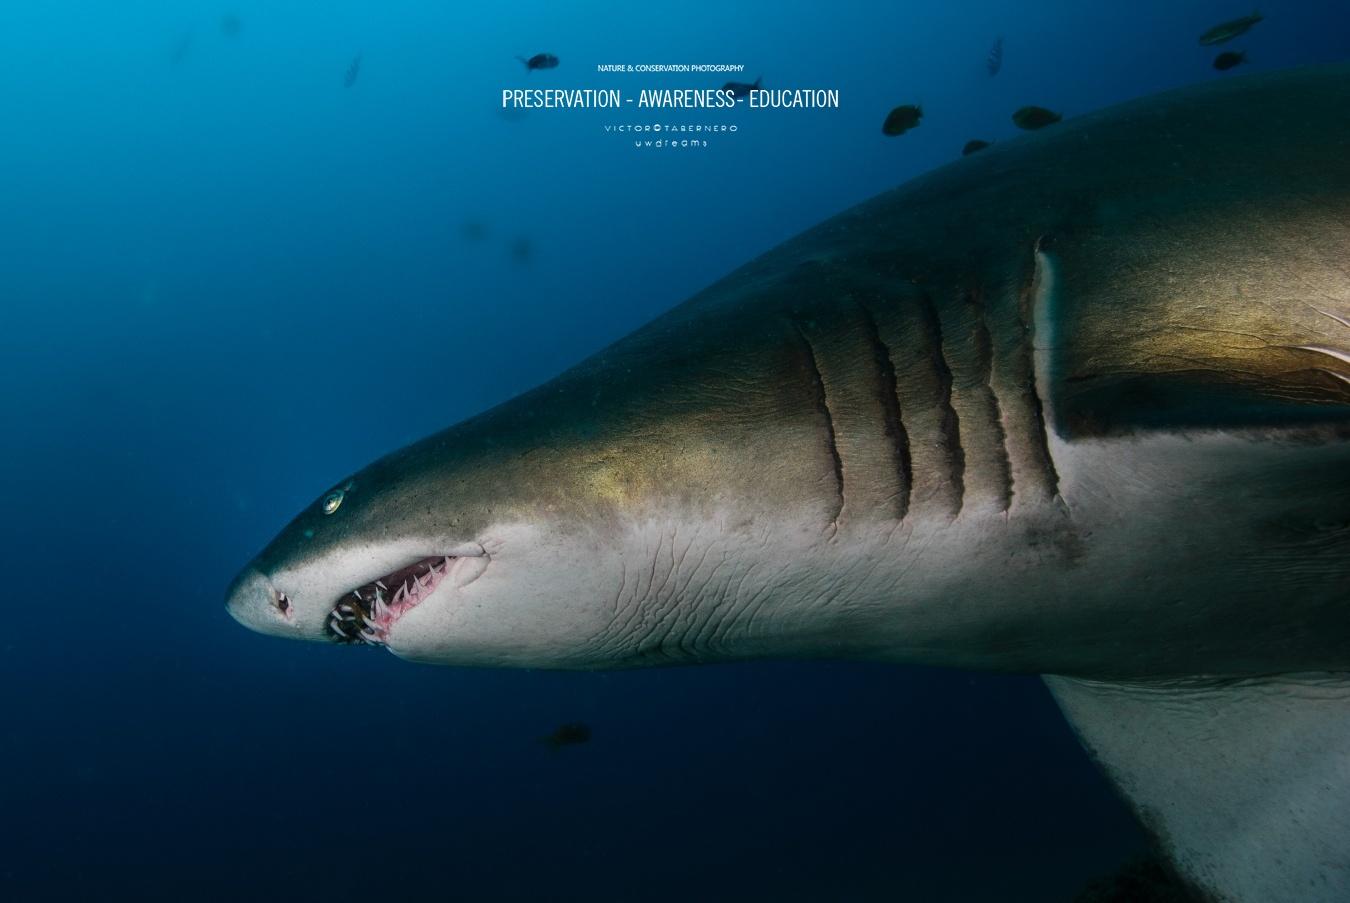 fotografía  - Dueños del los mares - Wildlife Conservation Photography, UWDREAMS.COM